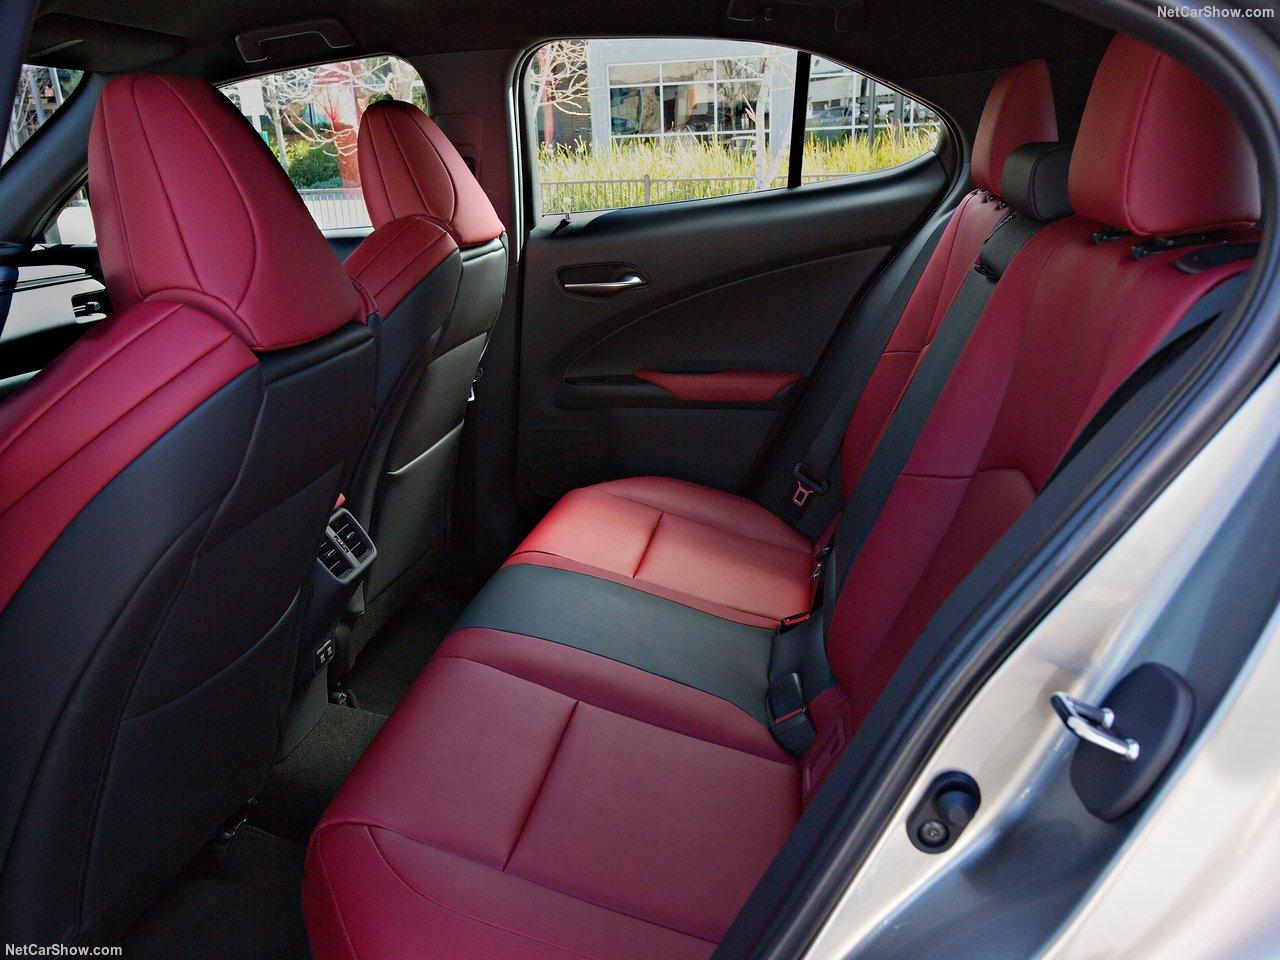 Lexus-UX-2019-1280-3d_2018081900501489a.jpg